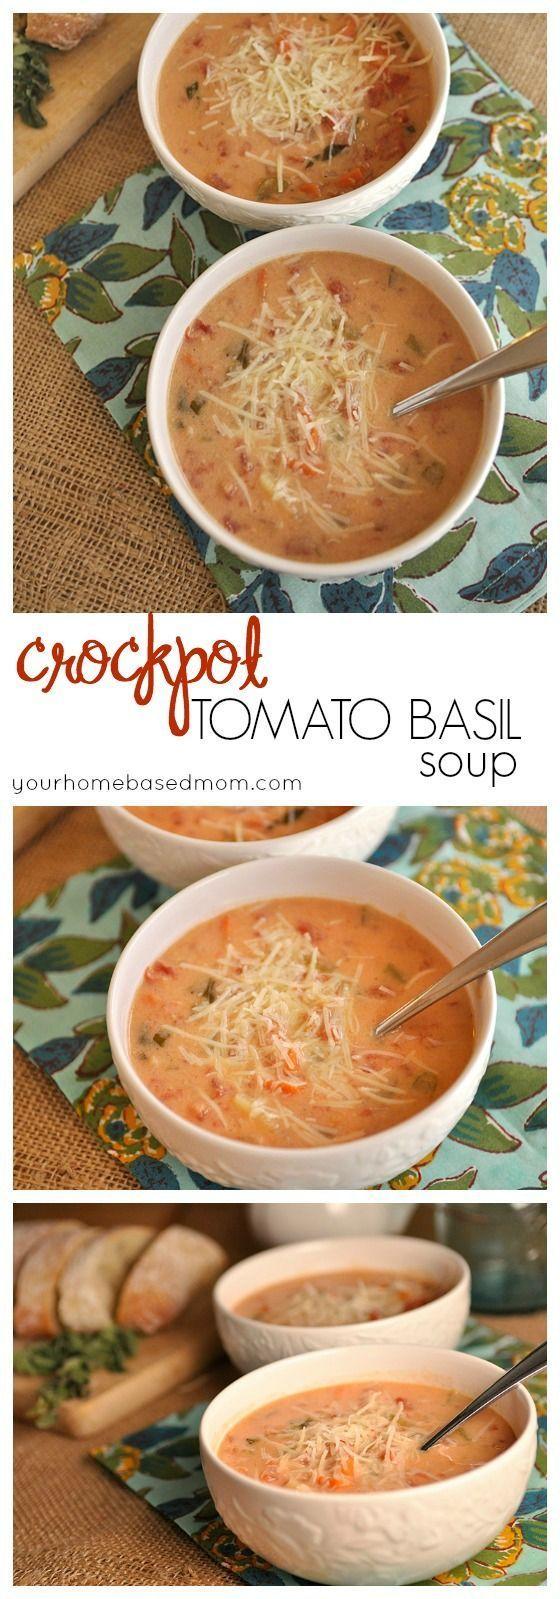 Tomato basil soup chicken broth recipe